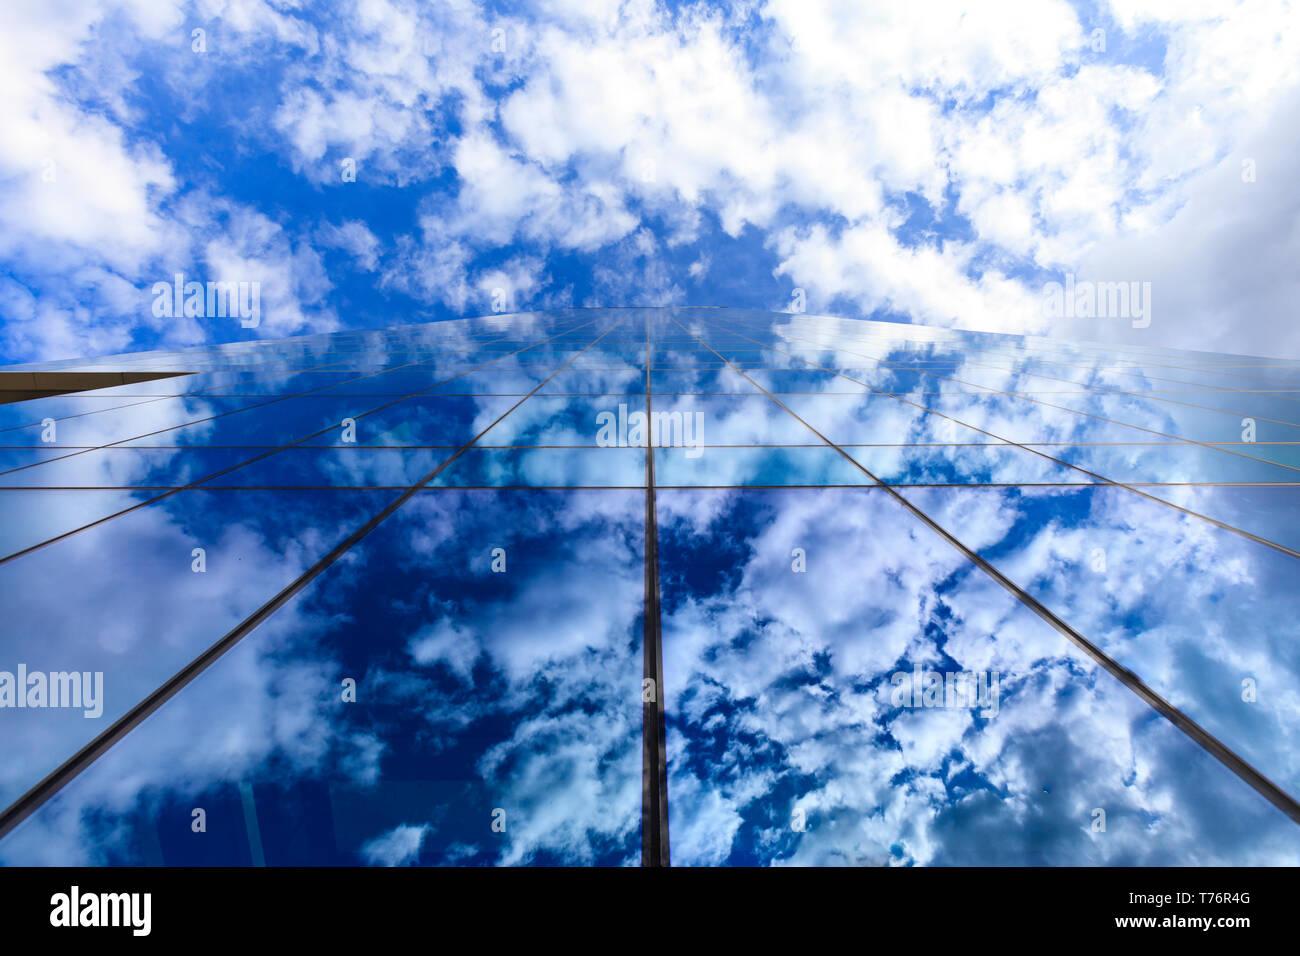 Nuvole e cielo blu riflessa sul vetro edificio per uffici di windows Foto Stock